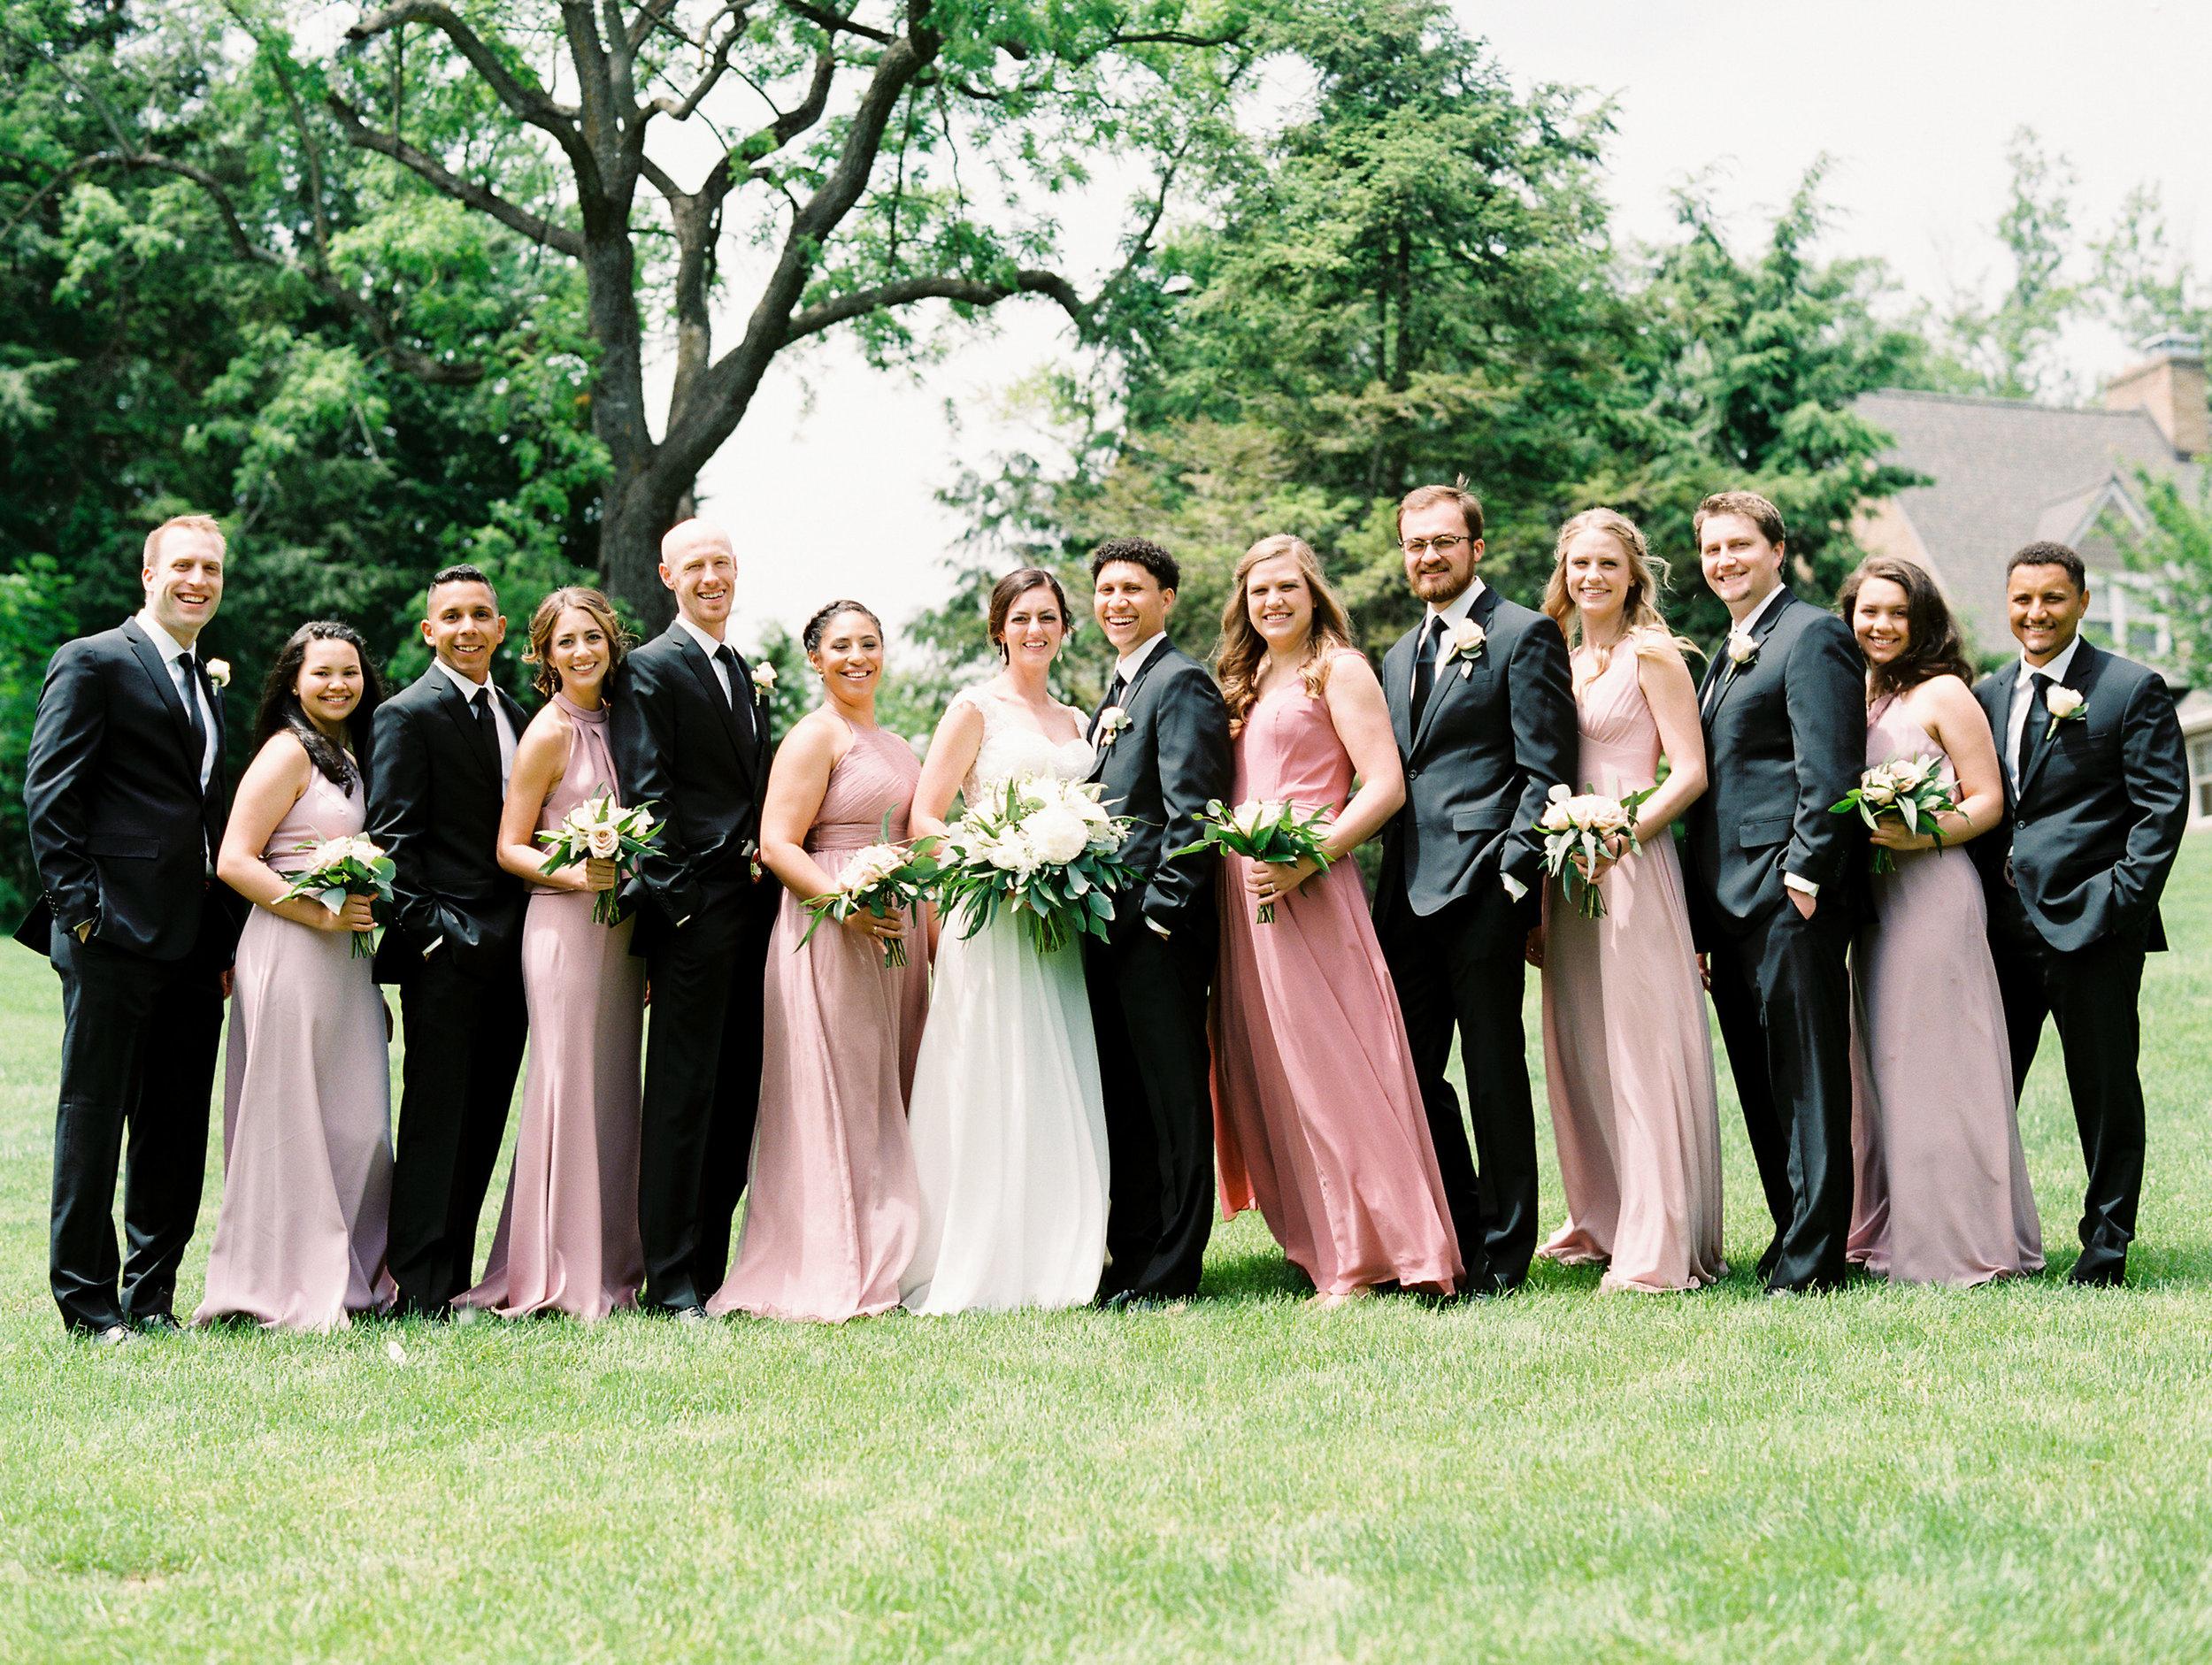 Julius+Wedding+BridalPartyf-82.jpg